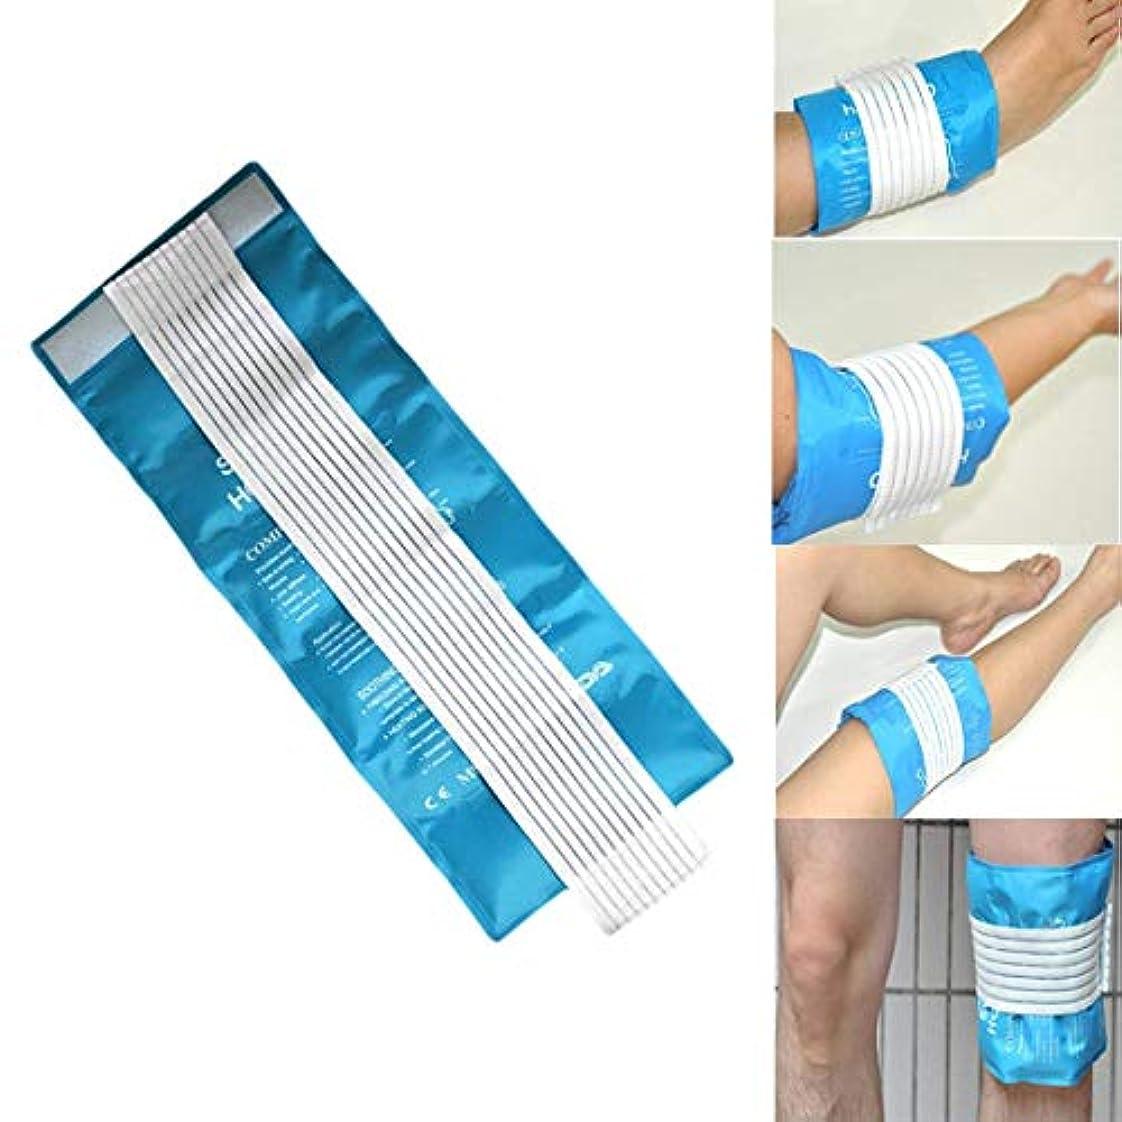 しゃがむスズメバチ逸話FuLanDe アイシングバッグ 氷嚢,大口径アイスバッグ,氷のう アイシングバッグ 結露なし 水漏れ防止 繰り返し利用 ケガ 熱中症 スポーツ用 (Blue)